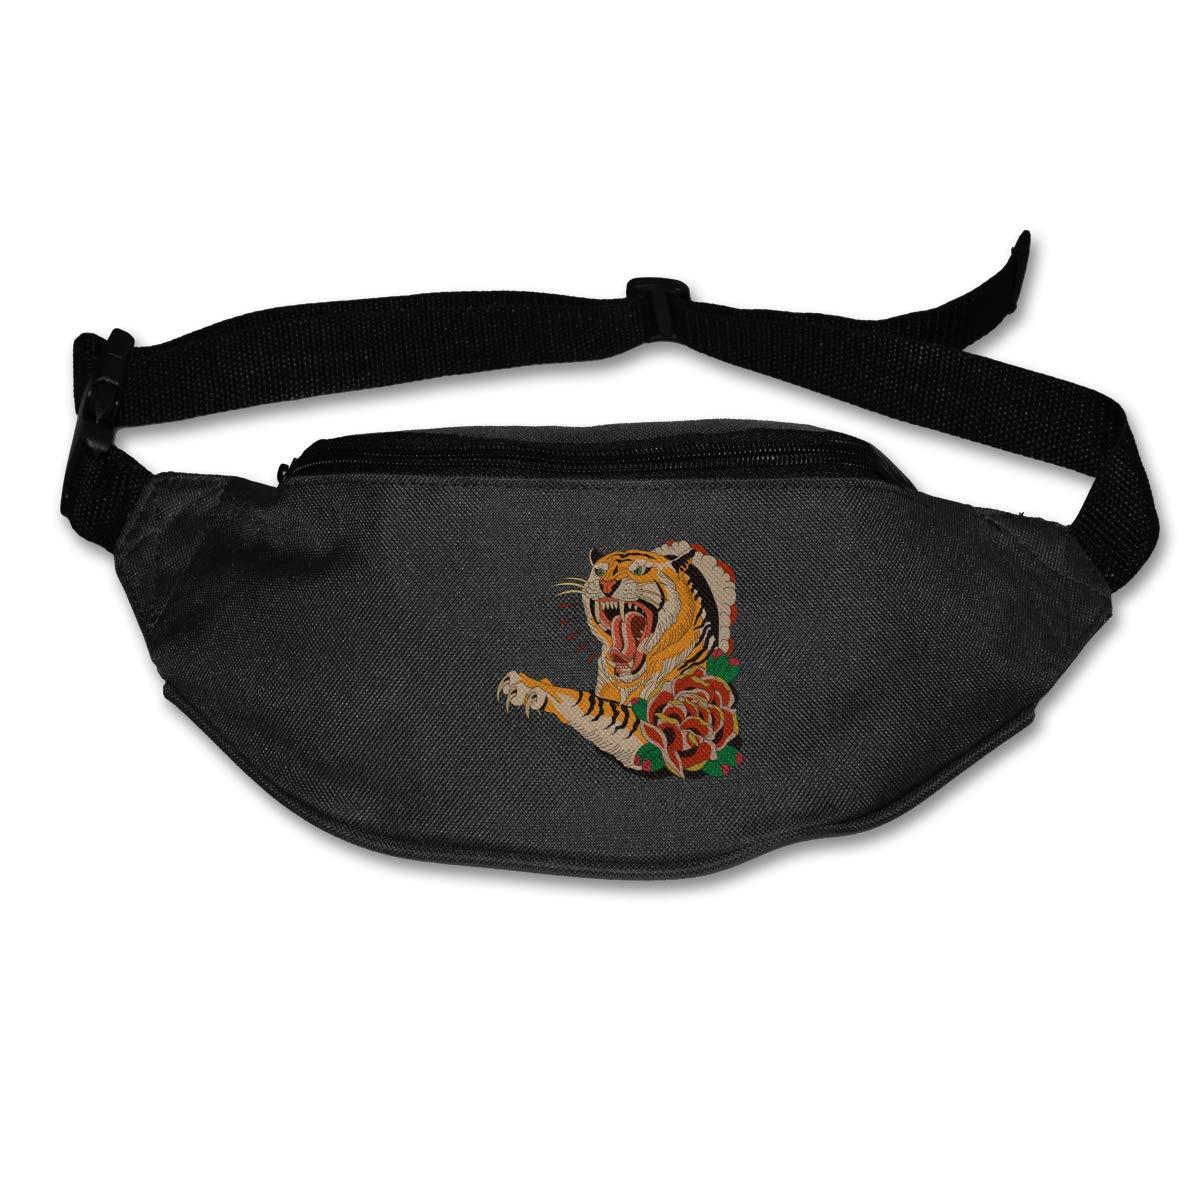 Tiger Flower Sport Waist Packs Fanny Pack Adjustable For Hike